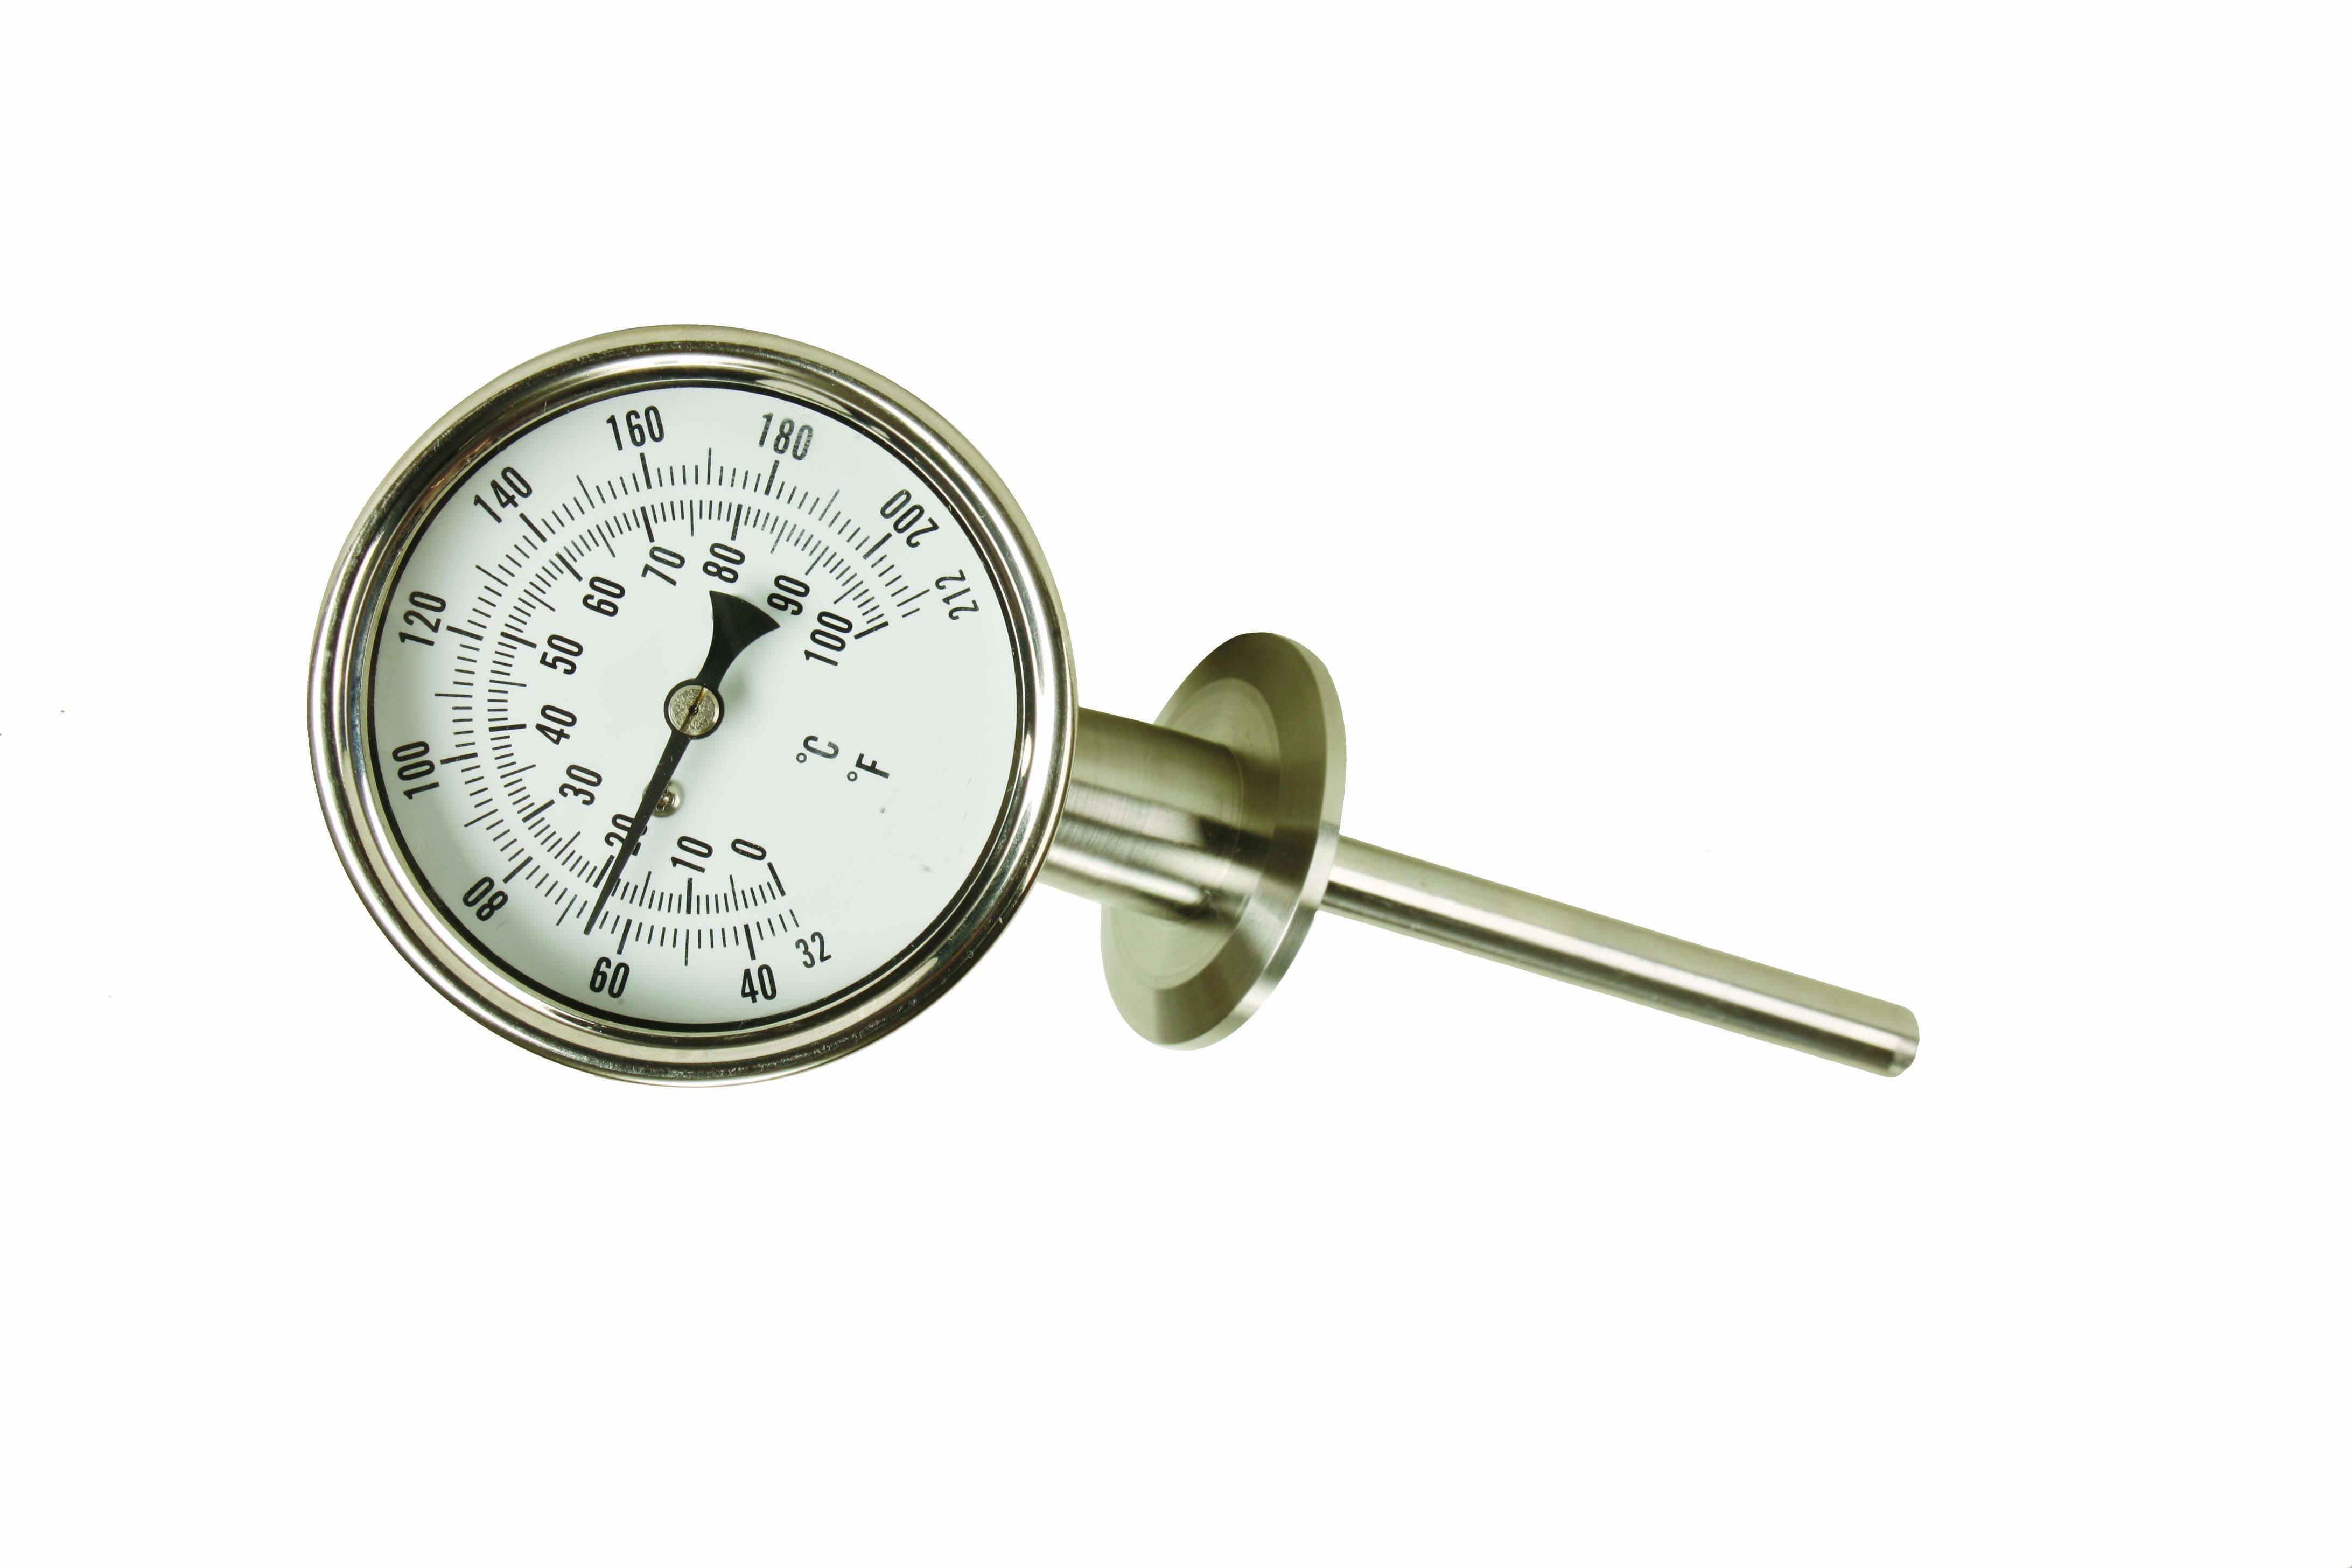 双金属温度计厂家直销-优质供应商  双金属温度计